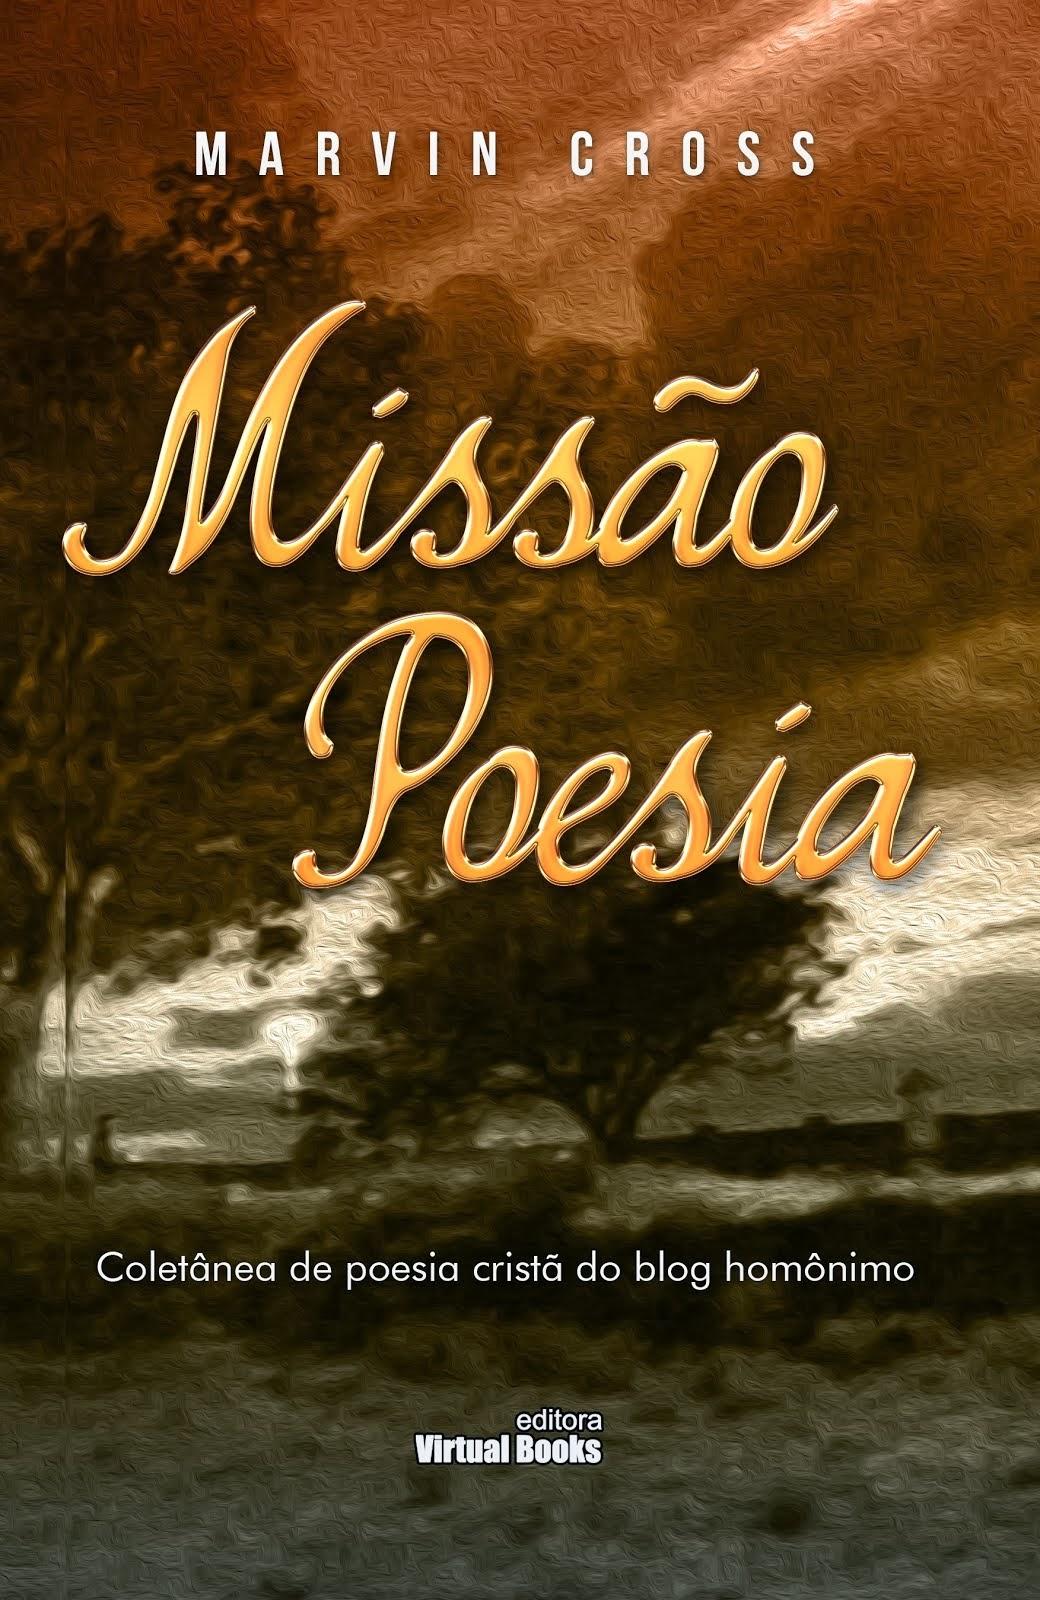 Compre o seu exemplar do livro MISSÃO POESIA